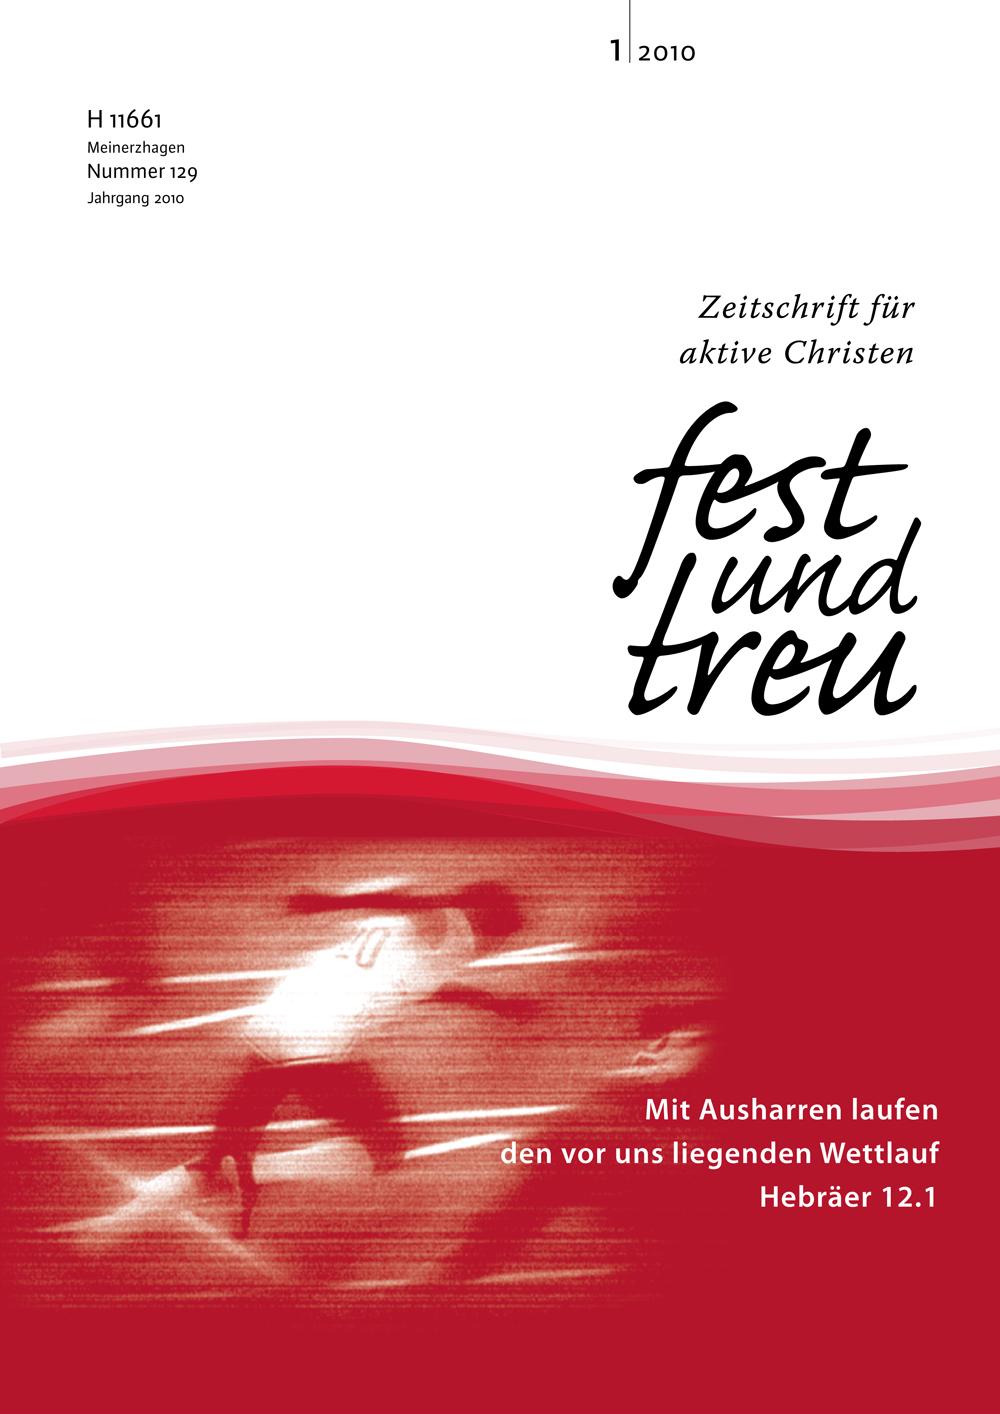 CLV_fest-treu-1-2010_2551001_1